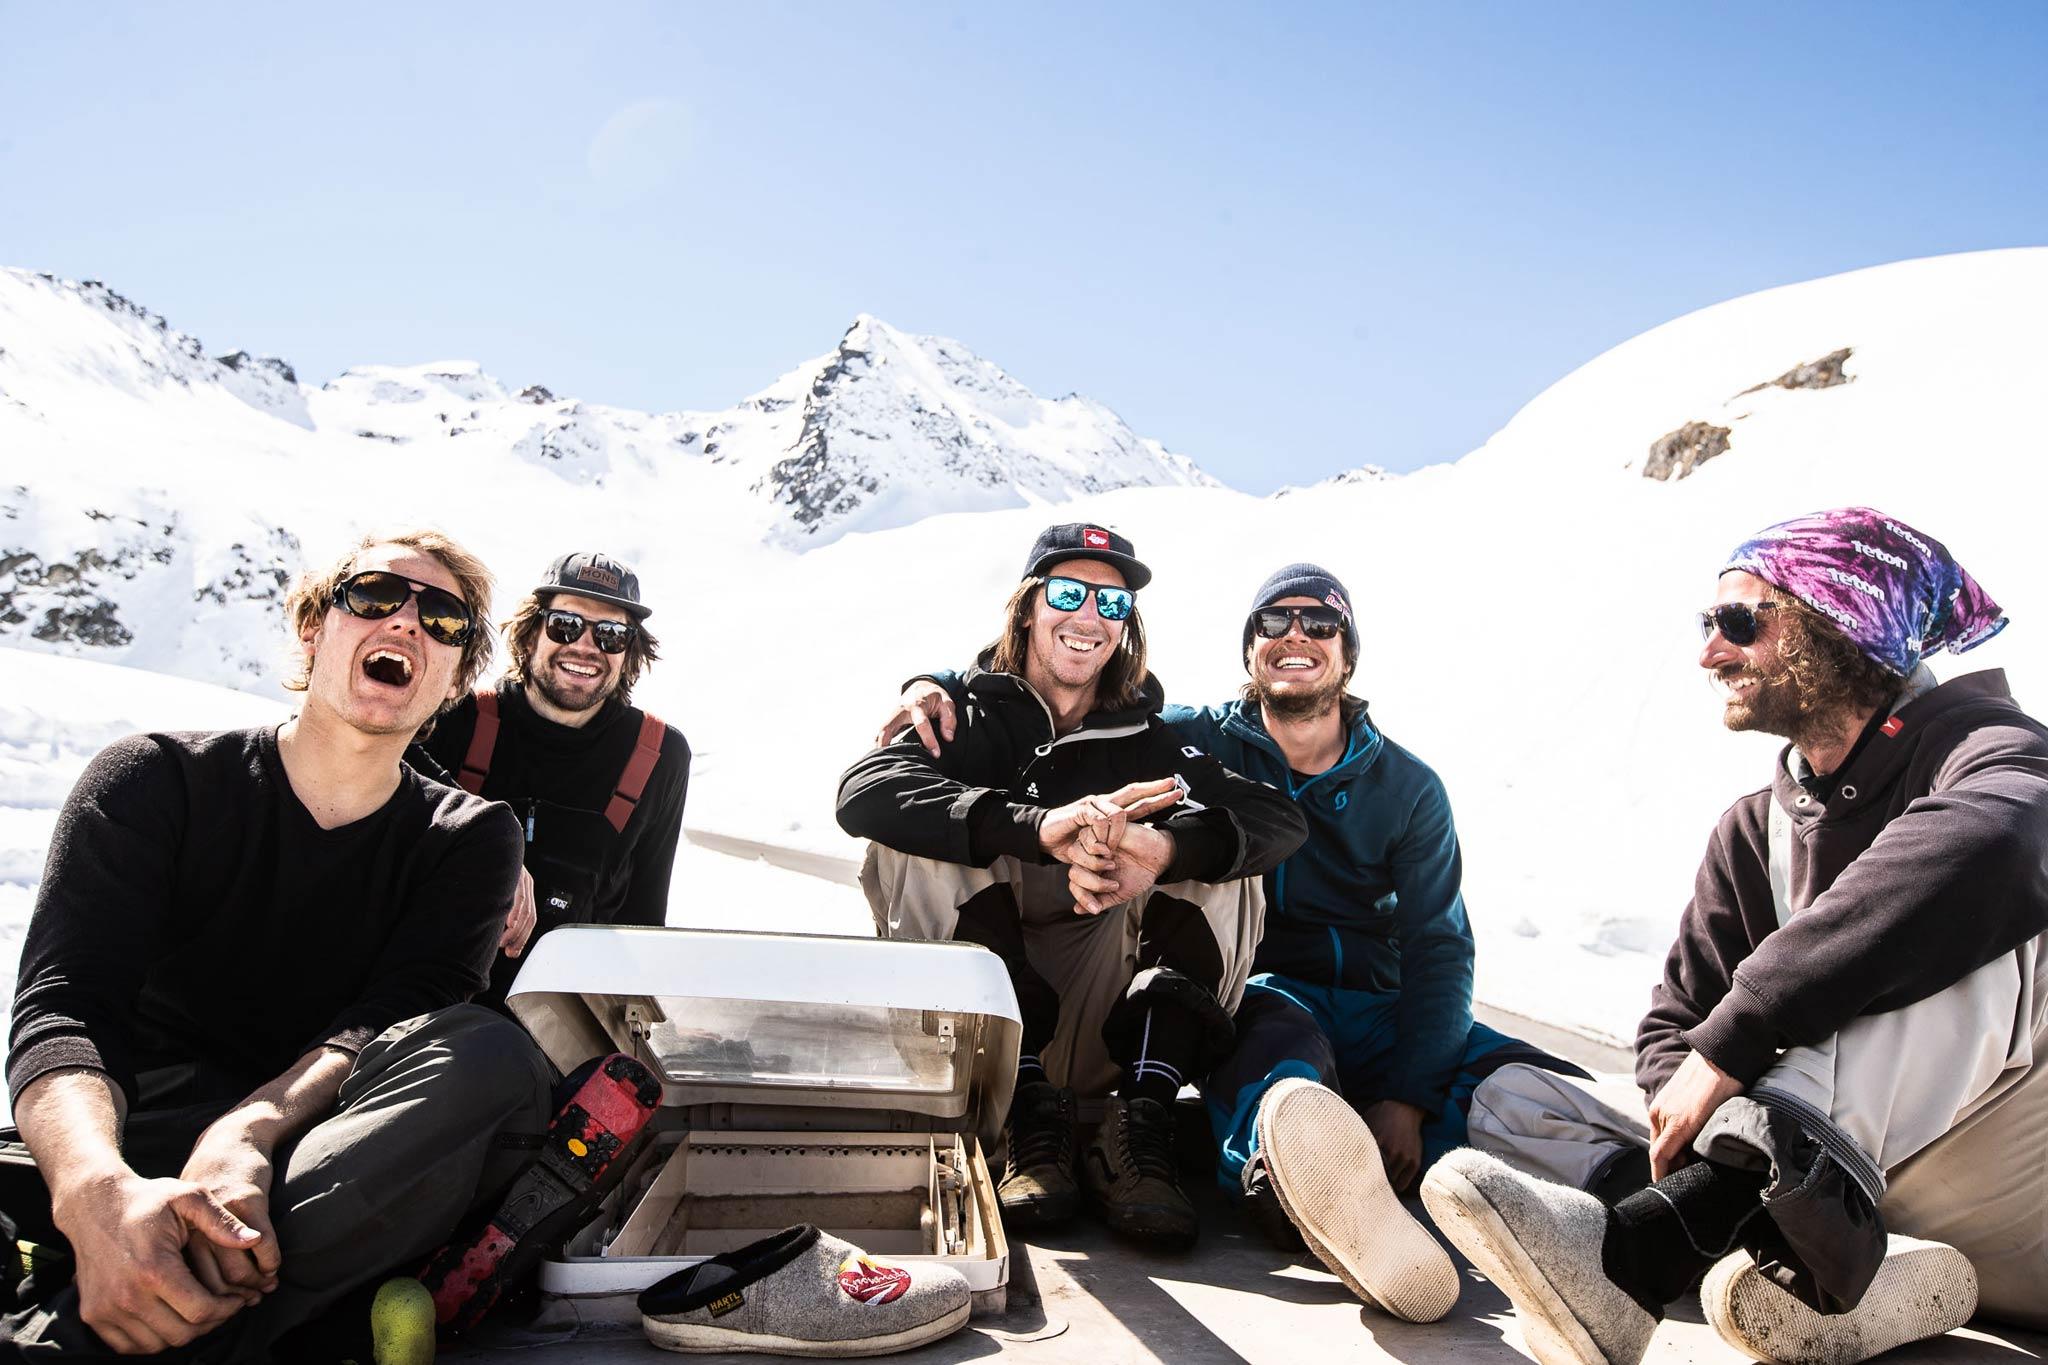 Die Crew: Jules Zenzmaier, Jochen Mesle, Neil William, Fabi Lentsch und Markus Ascher - Foto: Flo Breitenberger